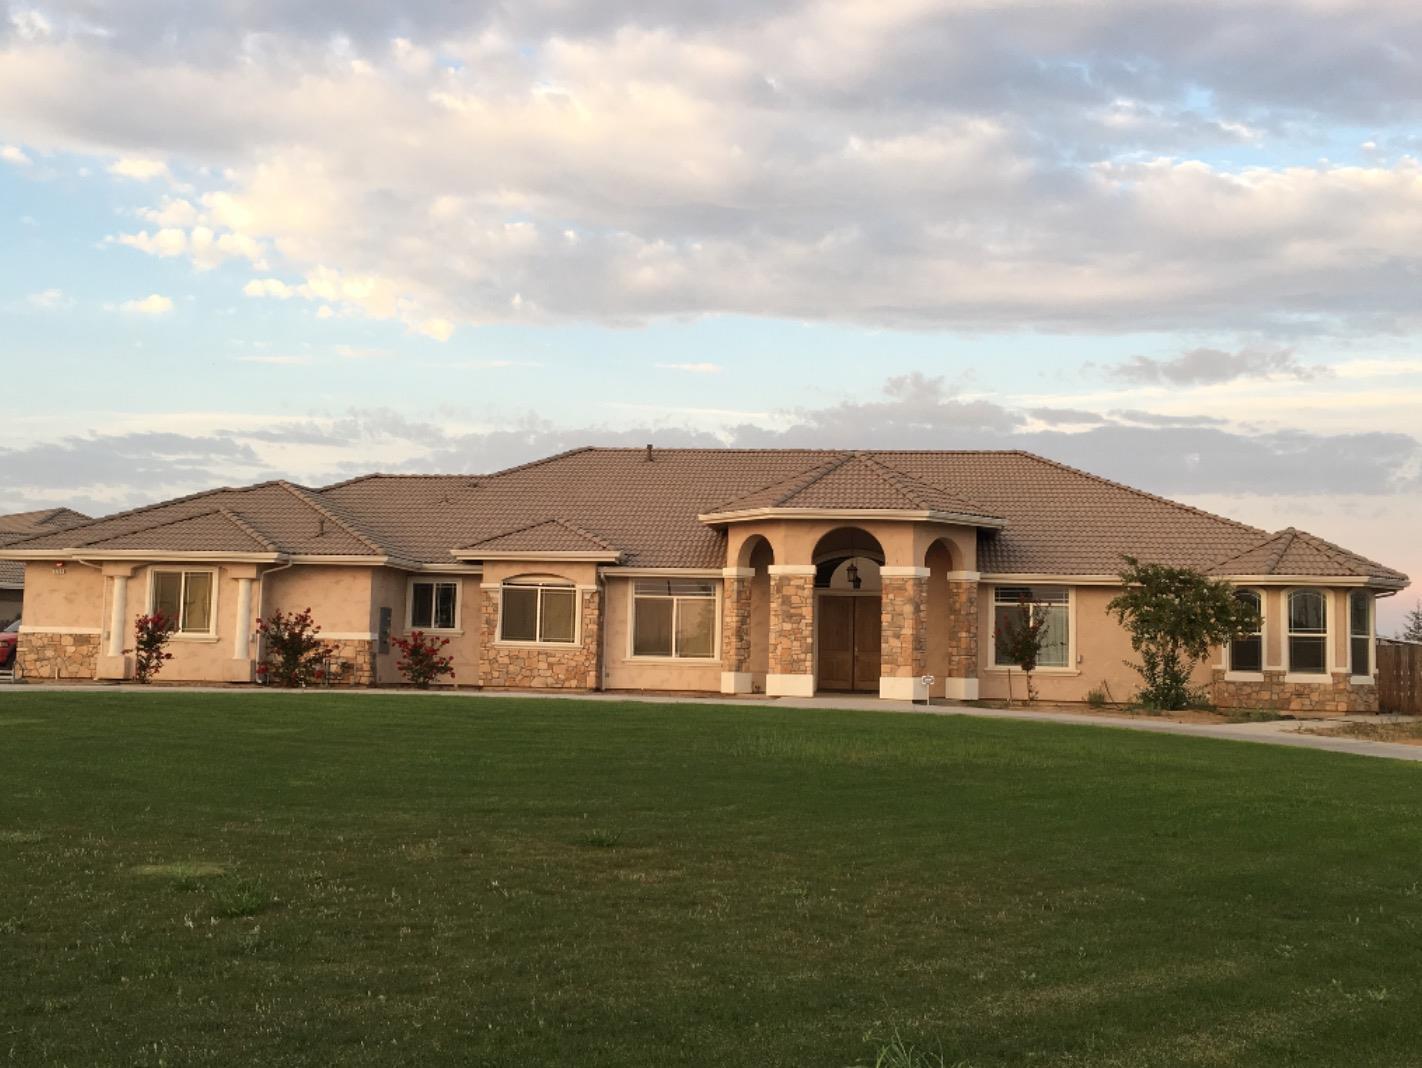 Einfamilienhaus für Verkauf beim 1758 Kt Avenue 1758 Kt Avenue Atwater, Kalifornien 95301 Vereinigte Staaten